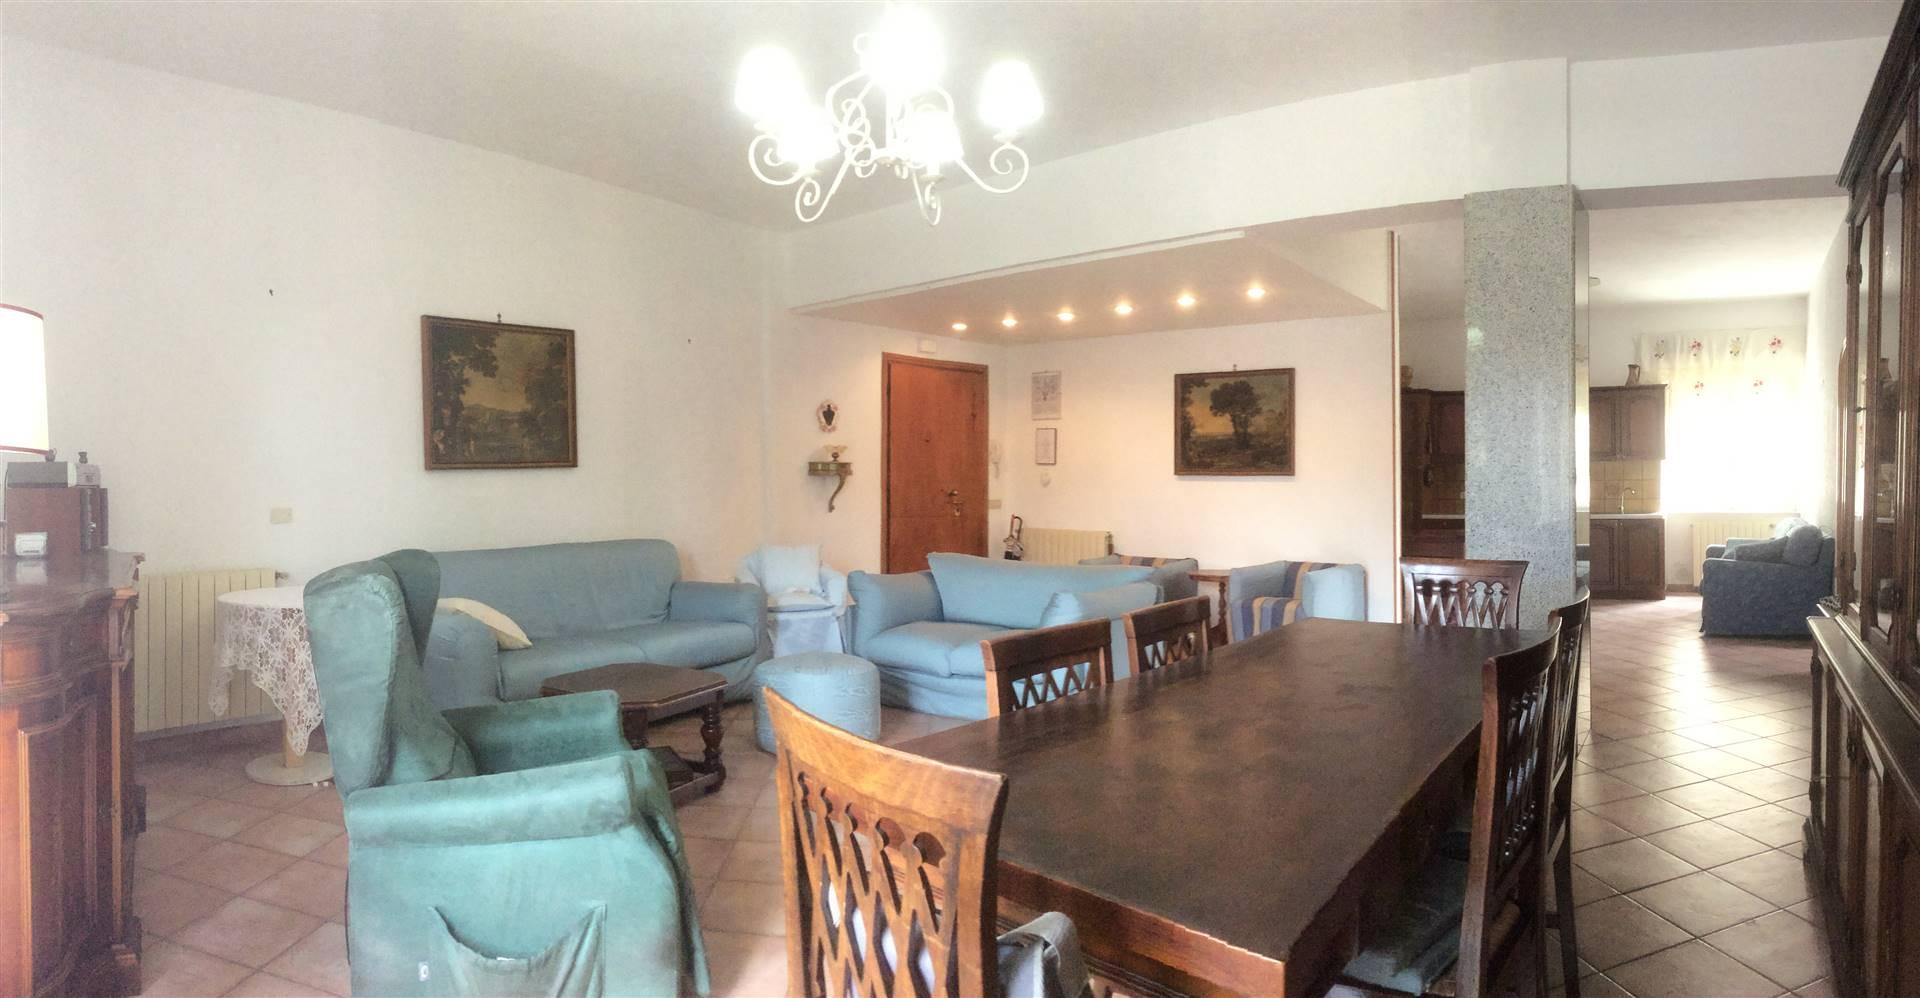 Appartamento in vendita a Campiglia Marittima, 4 locali, zona urina, prezzo € 154.000 | PortaleAgenzieImmobiliari.it